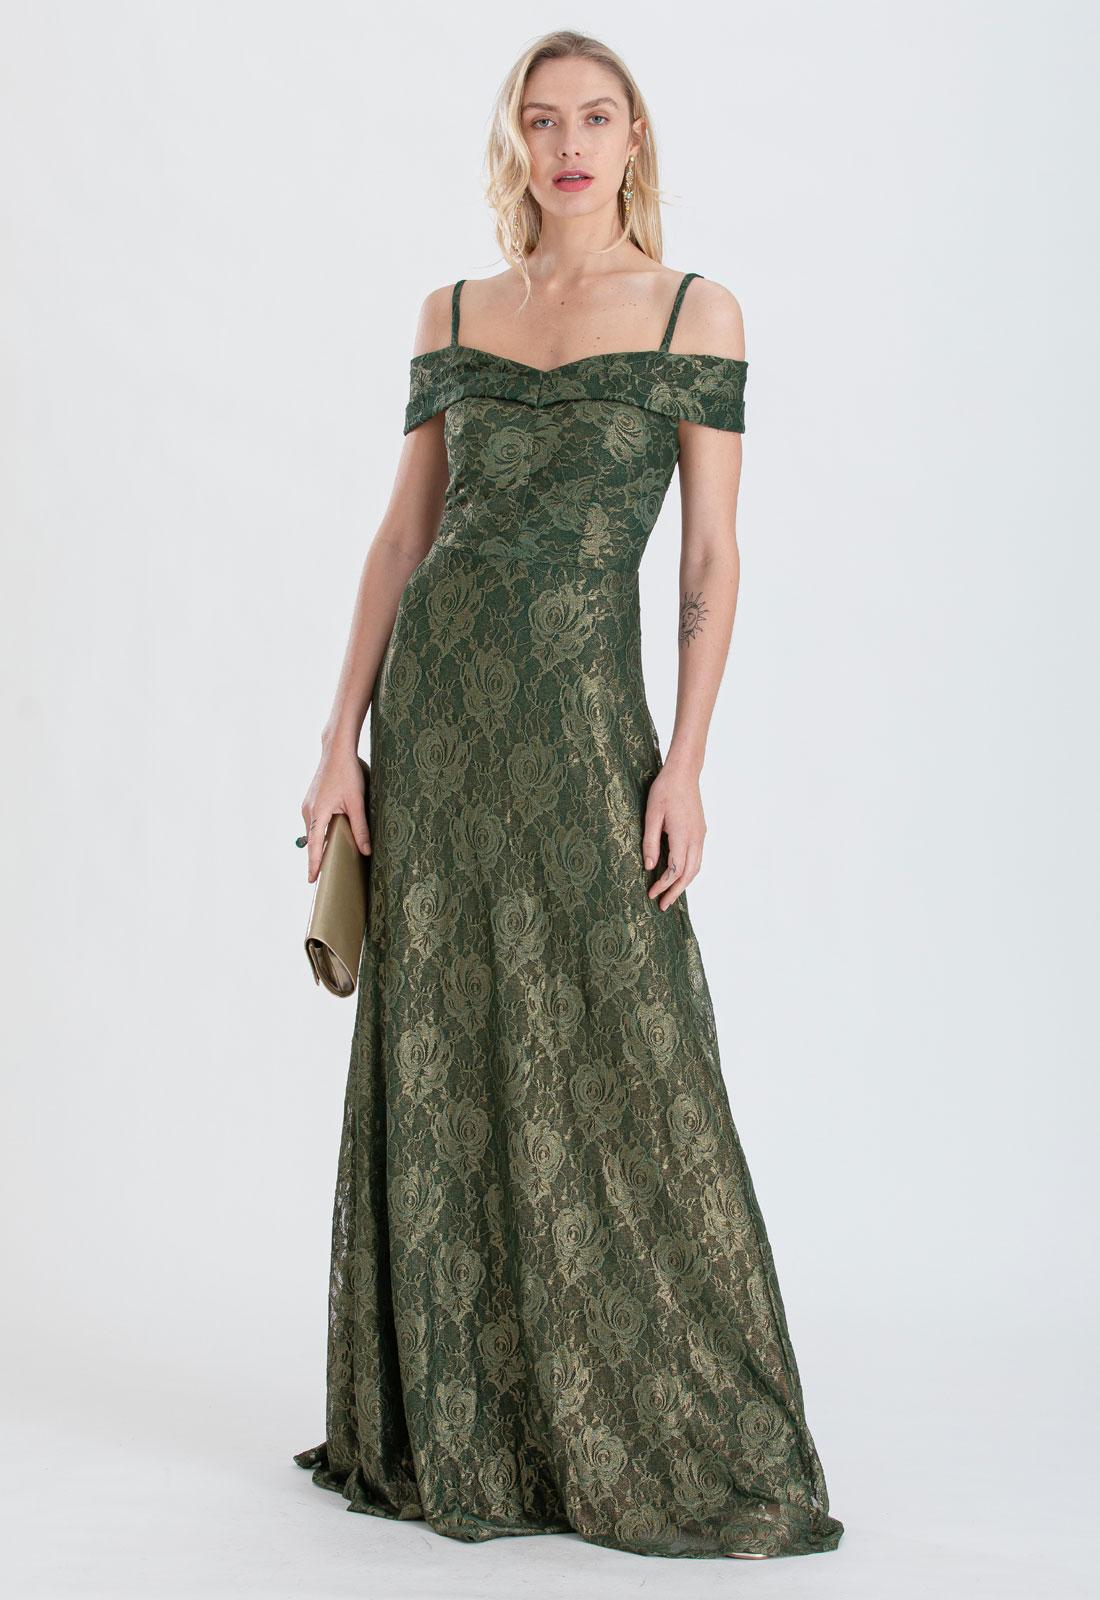 Vestido de festa em renda dourado verde Ref. 2422